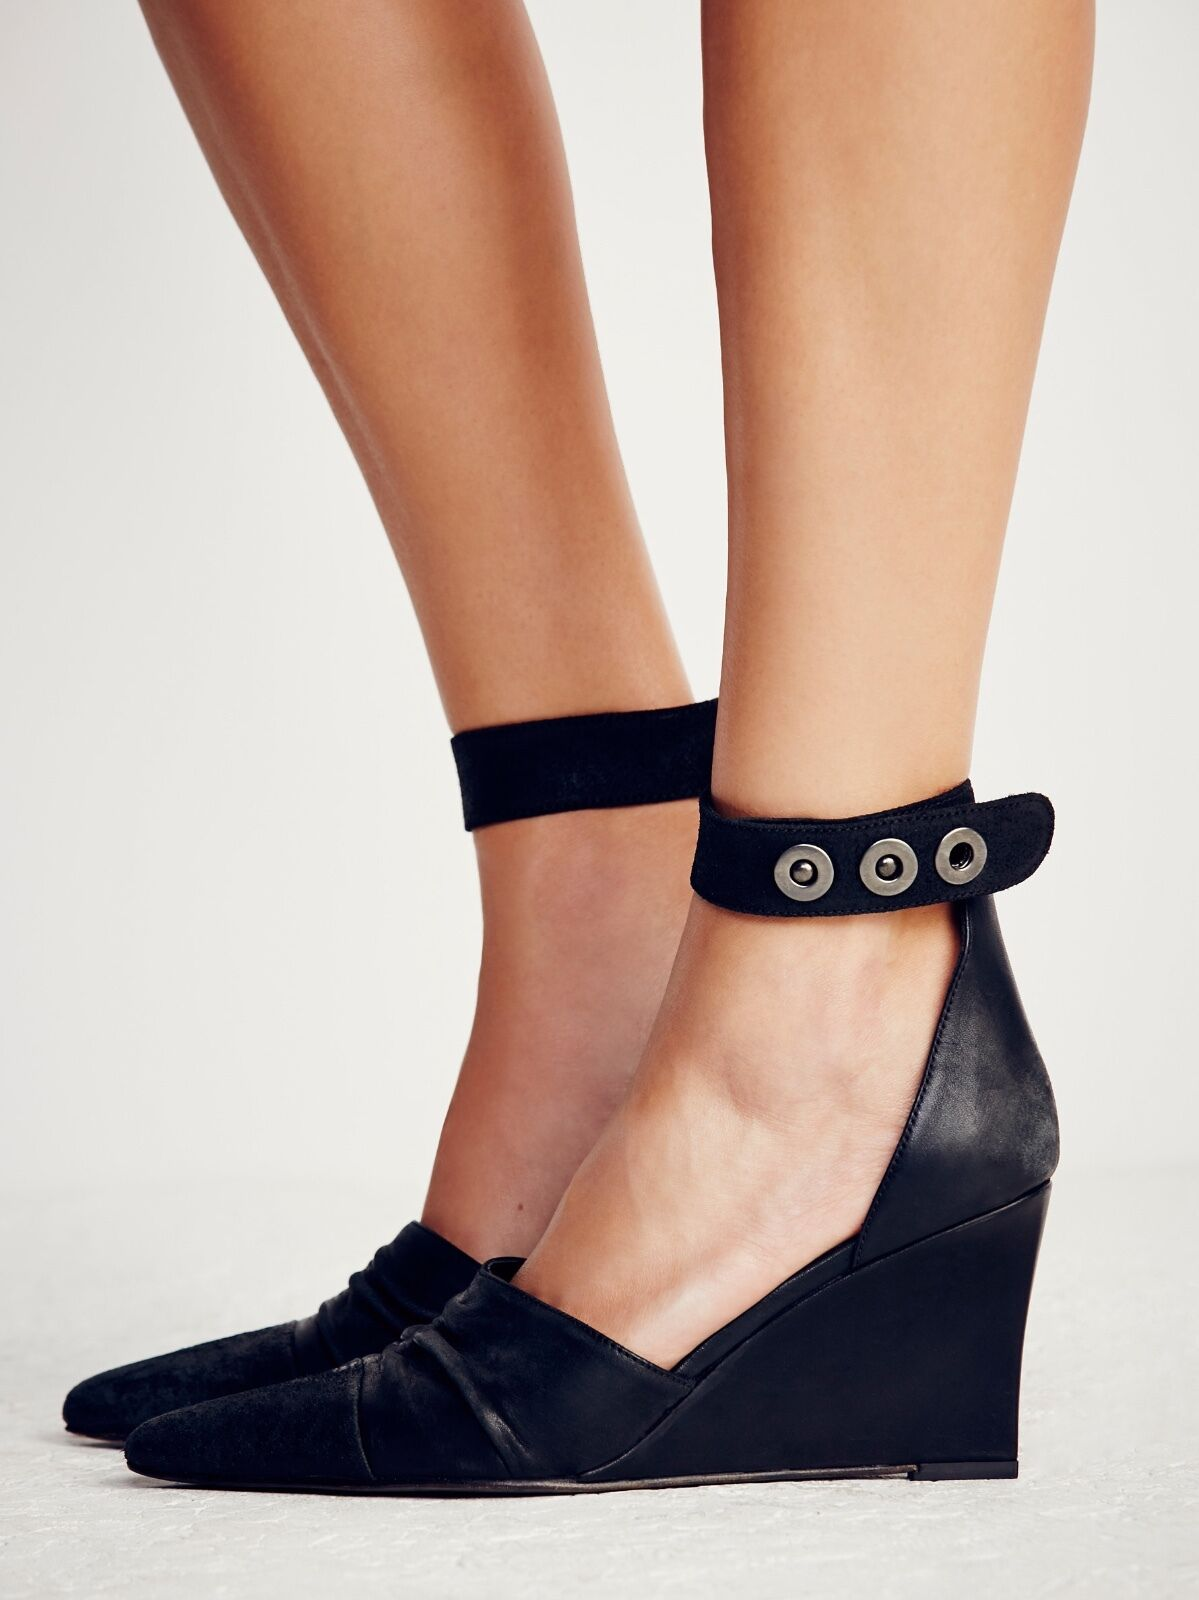 Free People Shadow Dancer Women's Black Leather Wedge Heels 38/8M MSRP $228